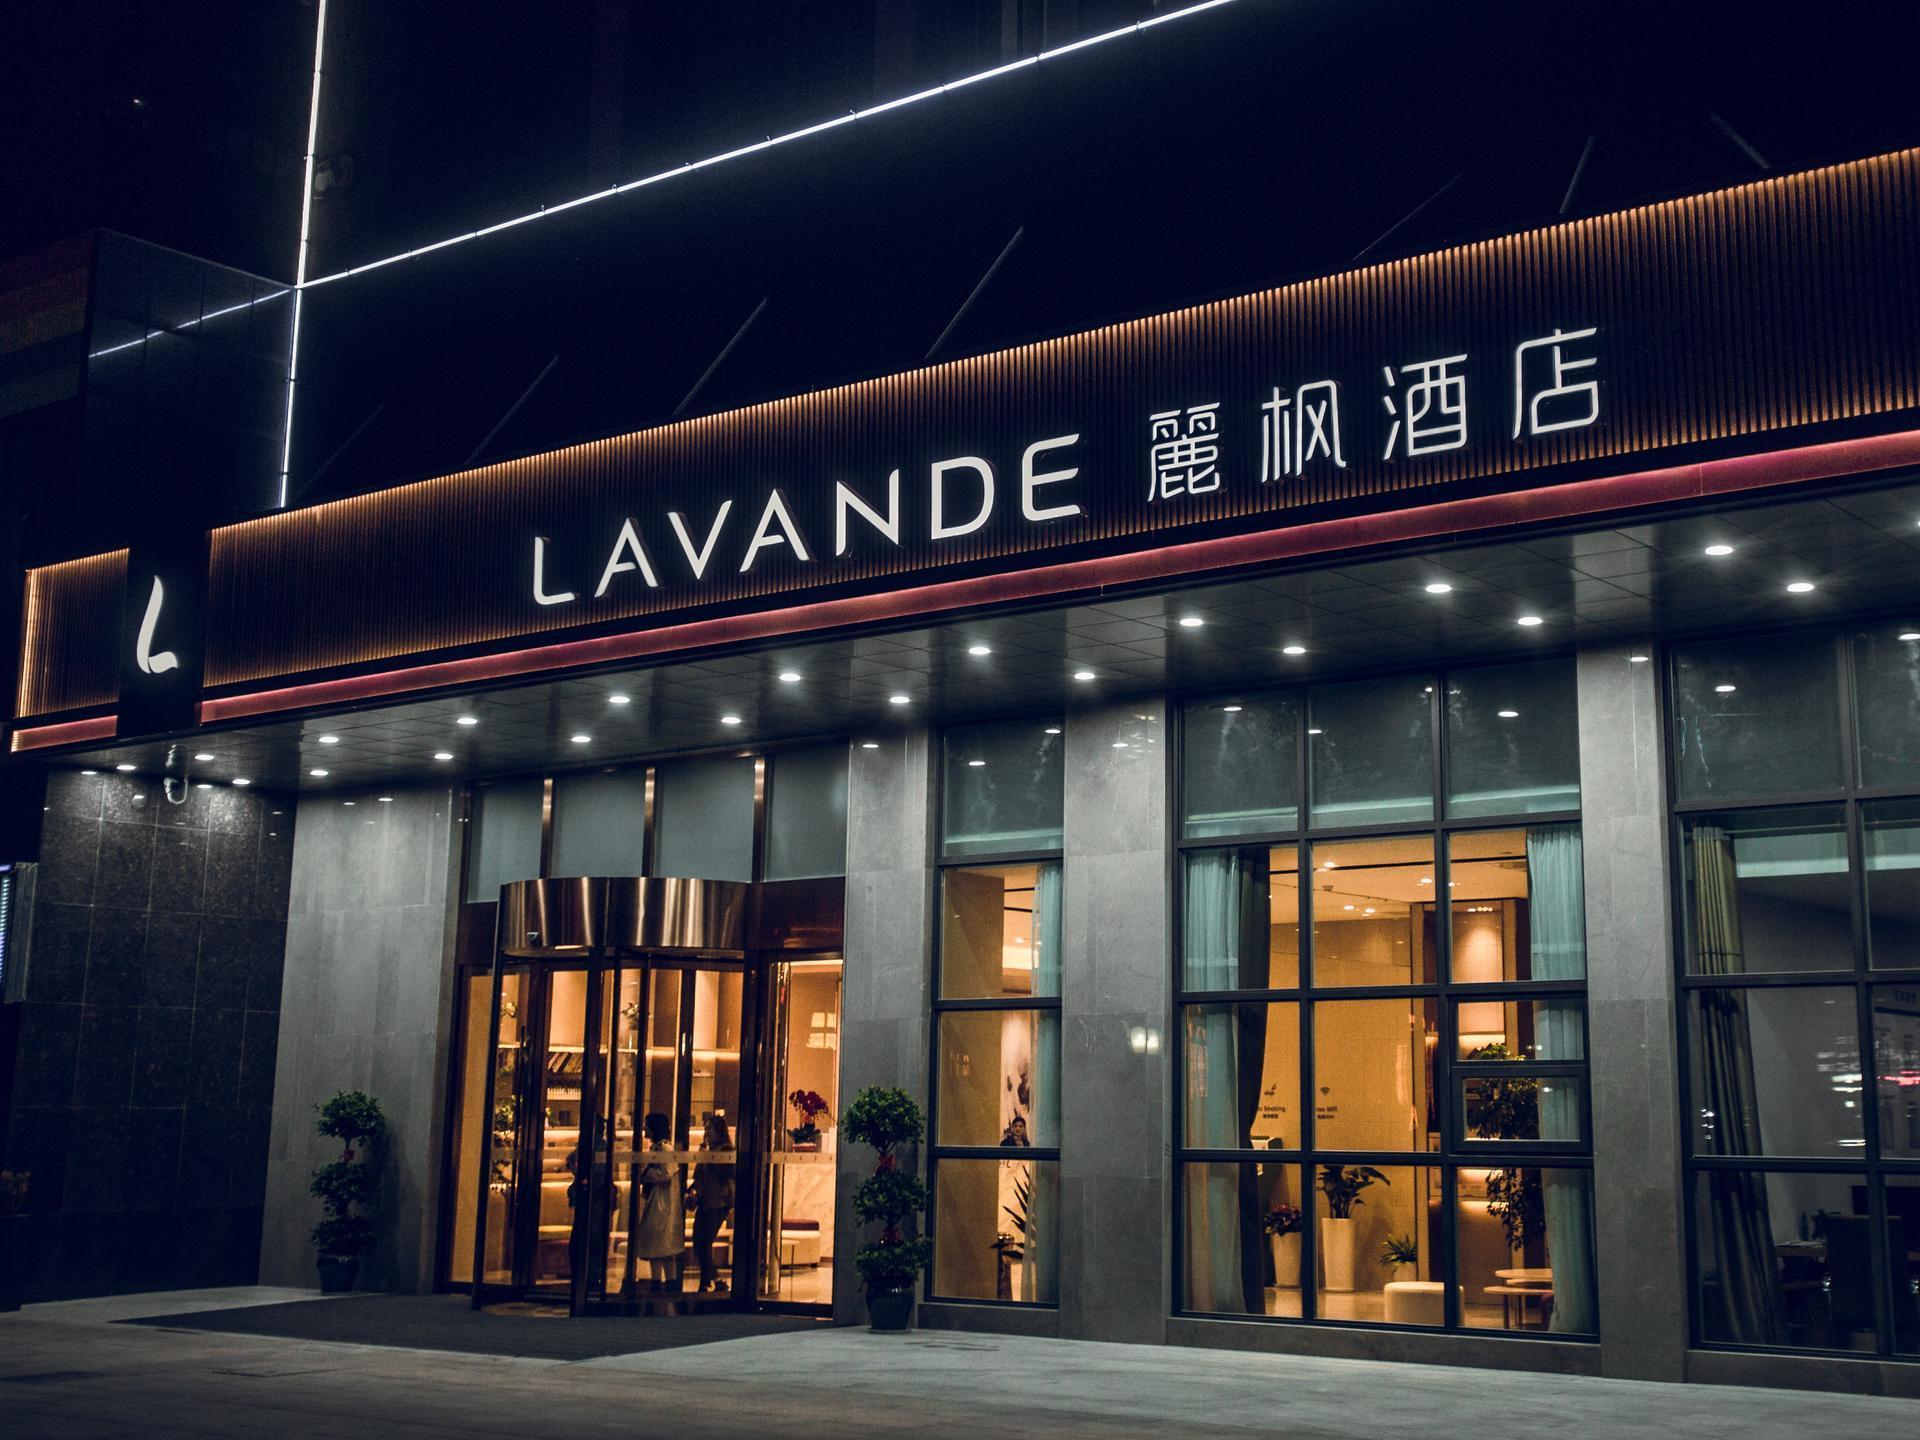 Lavande Hotels Suzhou North High Speed Railway Station